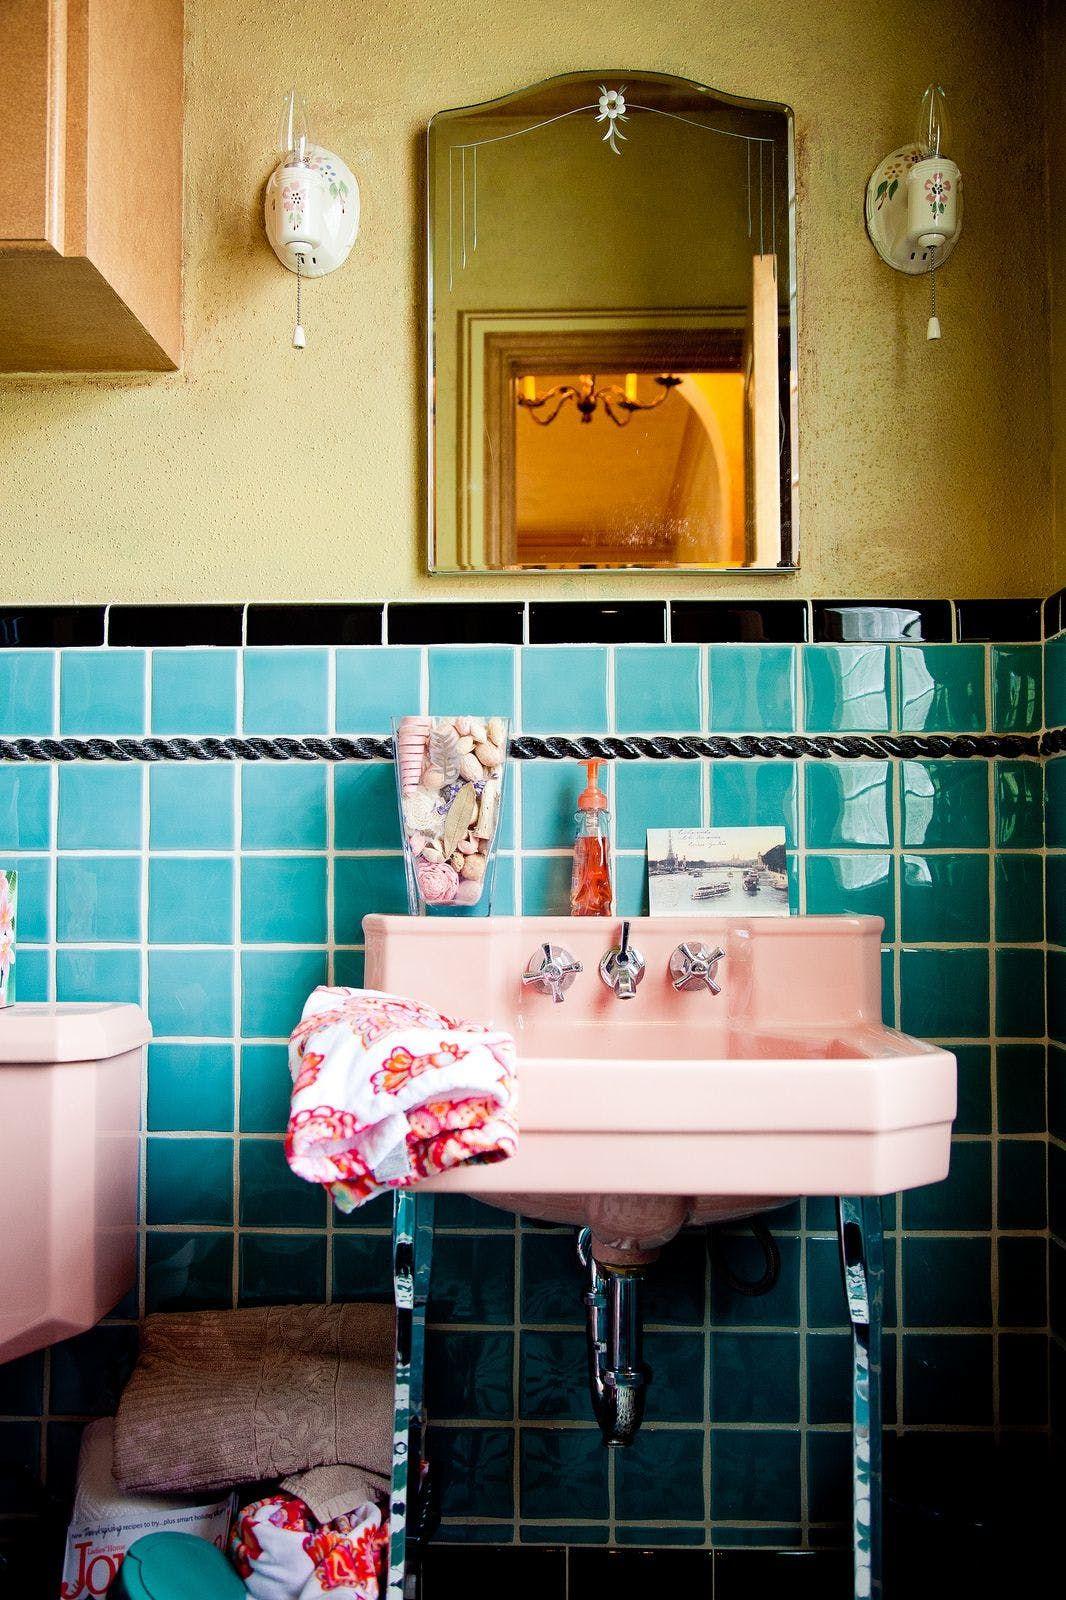 Vintage bathroom interior brand new colorful bathrooms that look vintage or retro  room